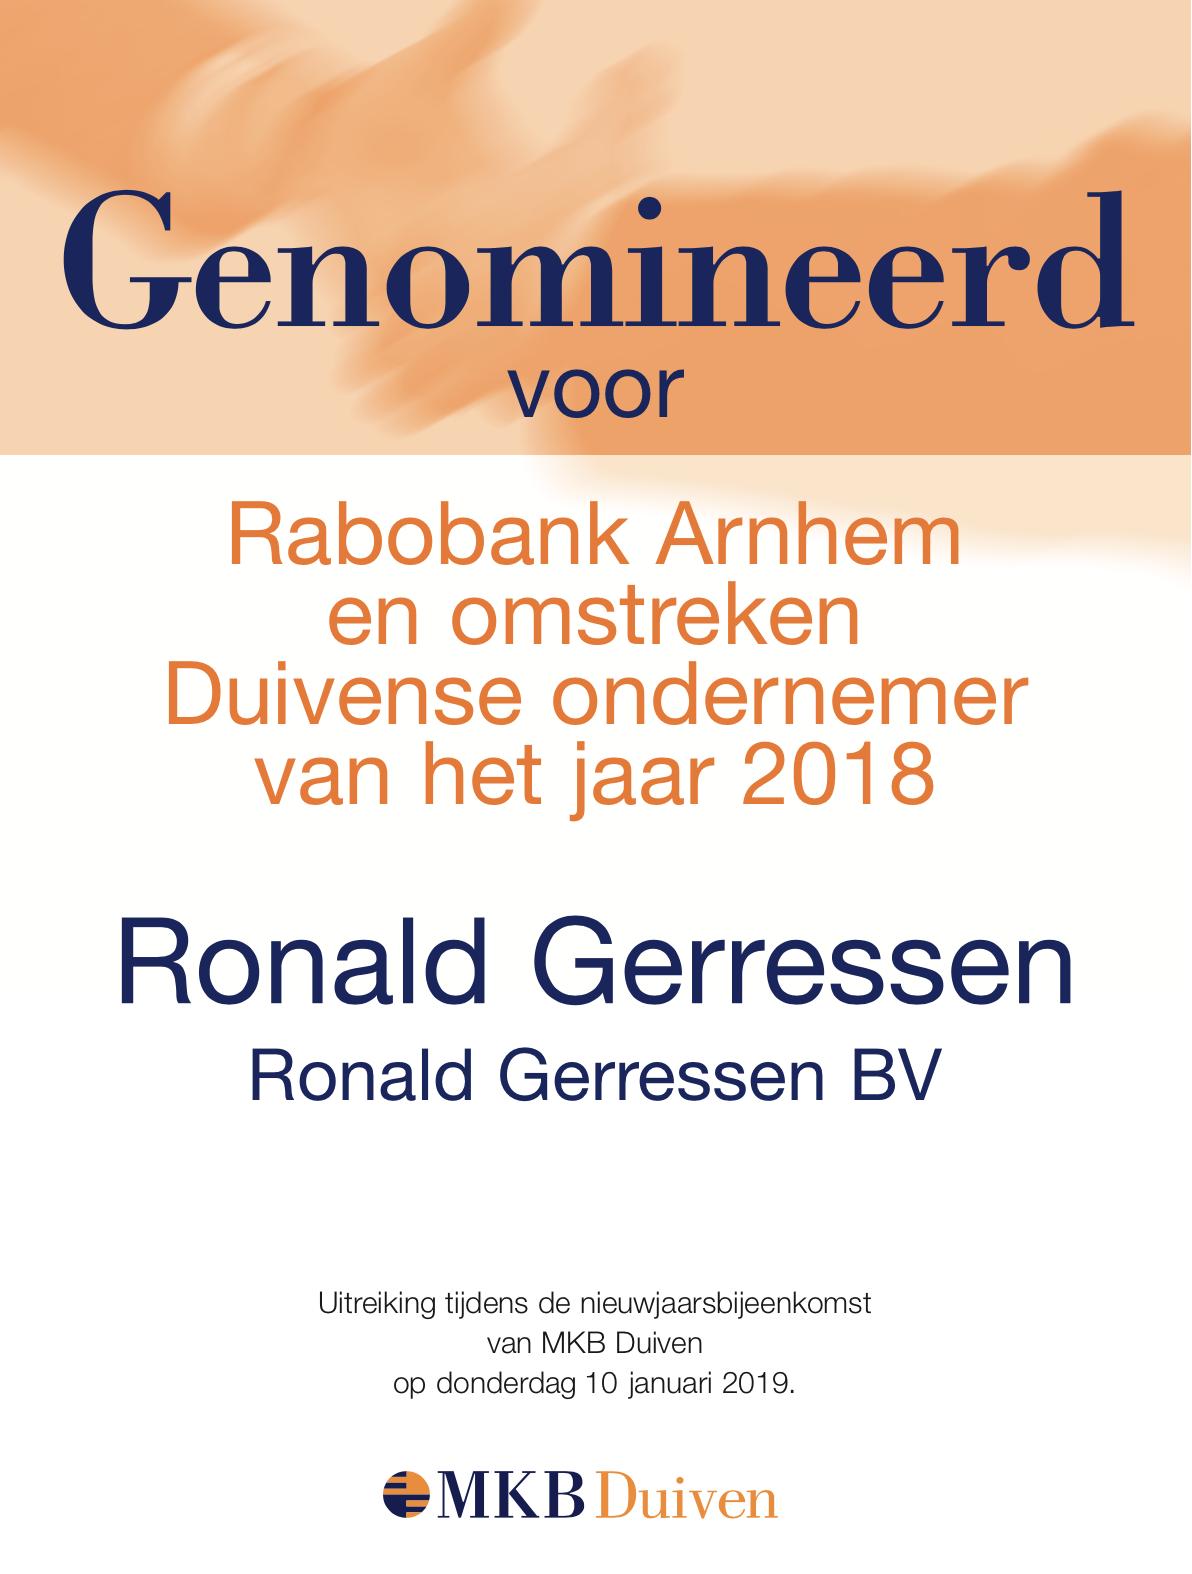 Ronald Gerressen, genomineerd voor ondernemer van het jaar 2018